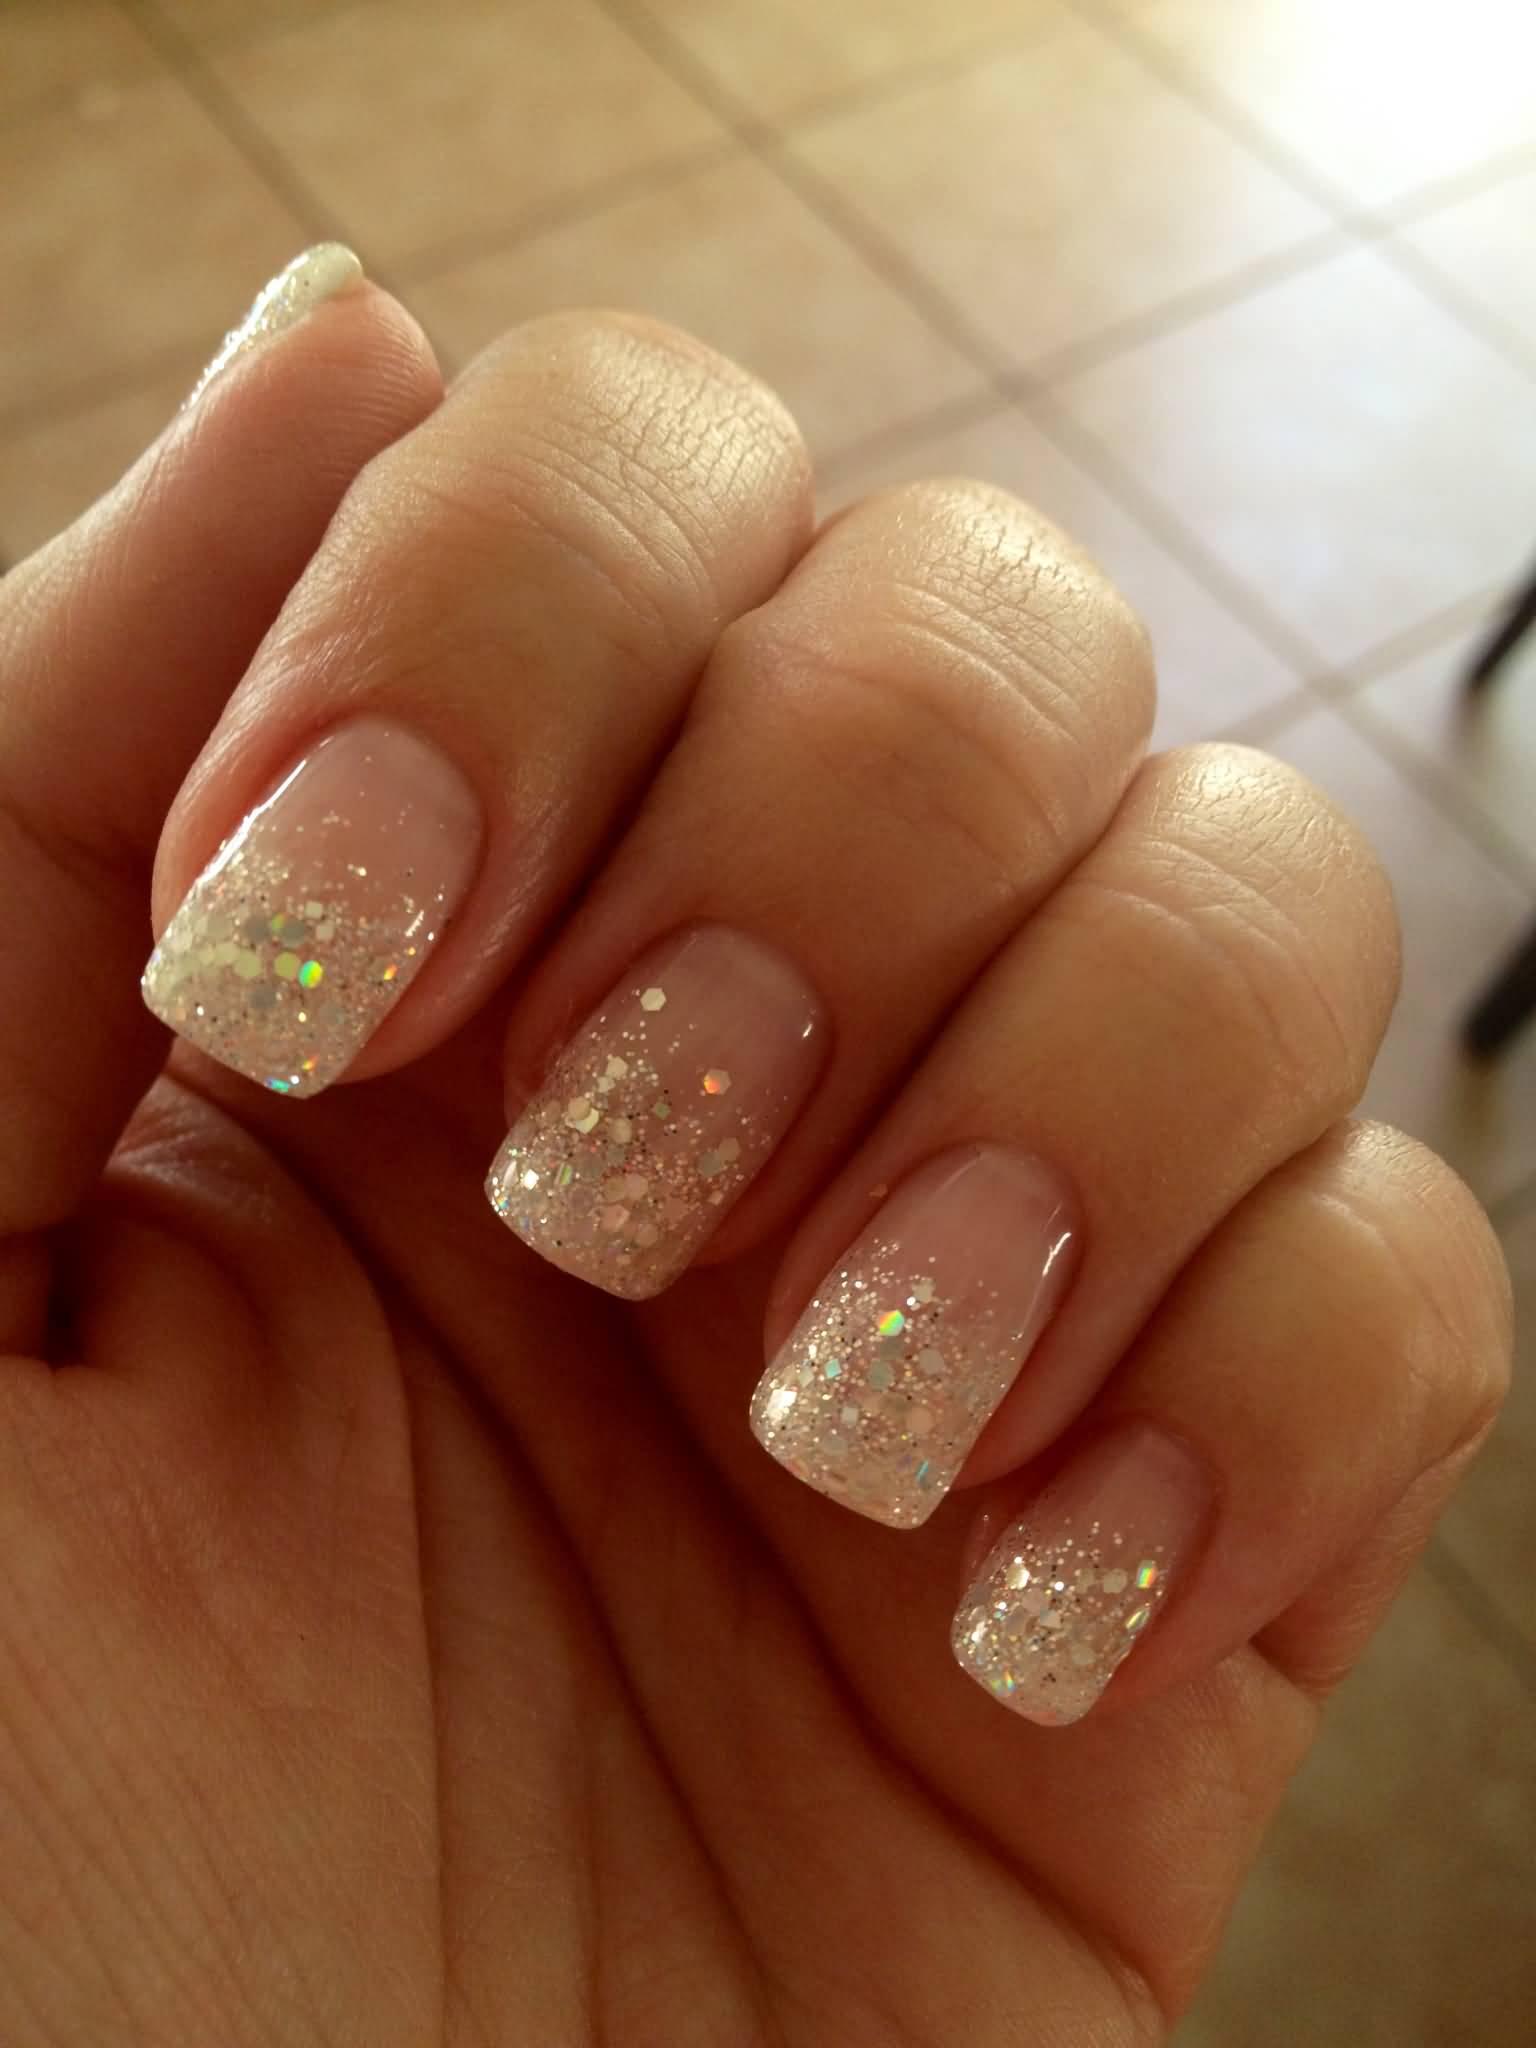 acrylic nails gliiter photo - 2